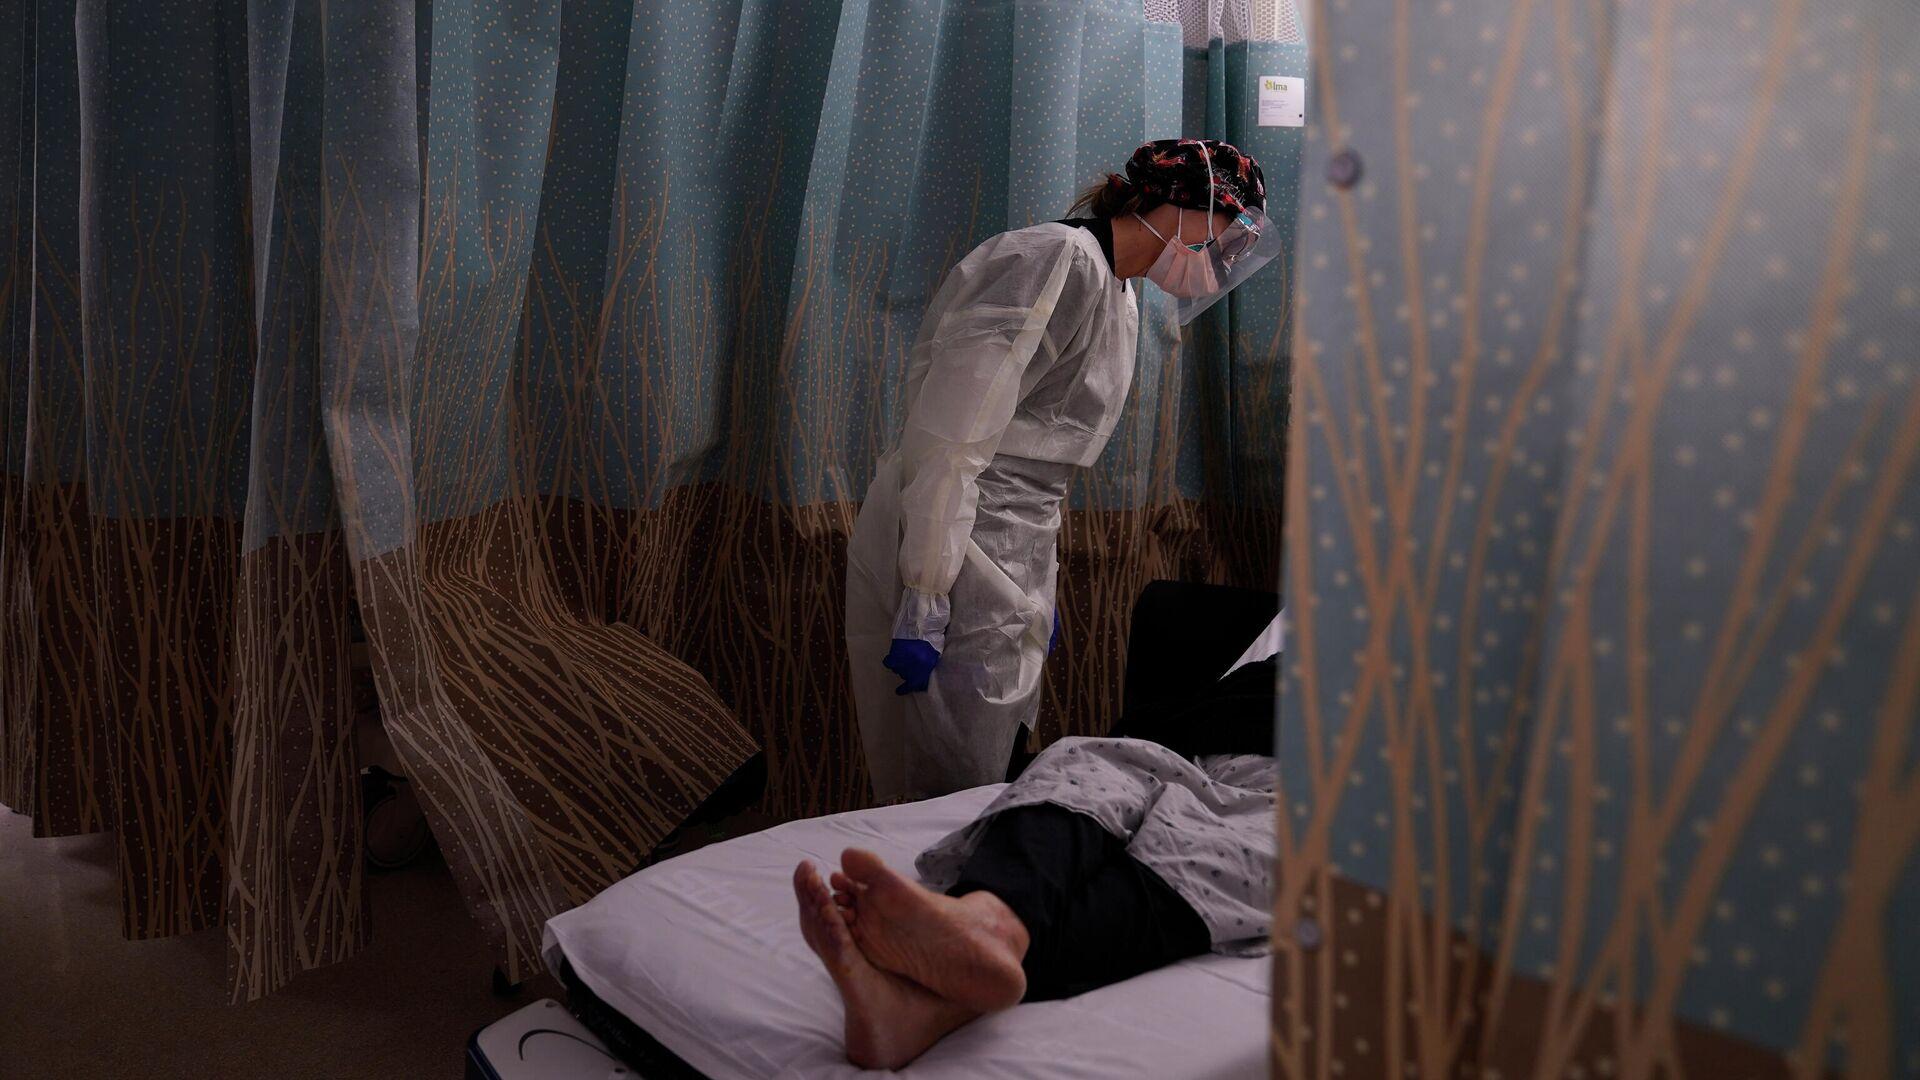 Медсестра разговаривает с пациентом, у которого проявляются симптомы коронавируса, в отделении неотложной помощи Медицинского центра в Лос-Анджелесе - РИА Новости, 1920, 05.01.2021